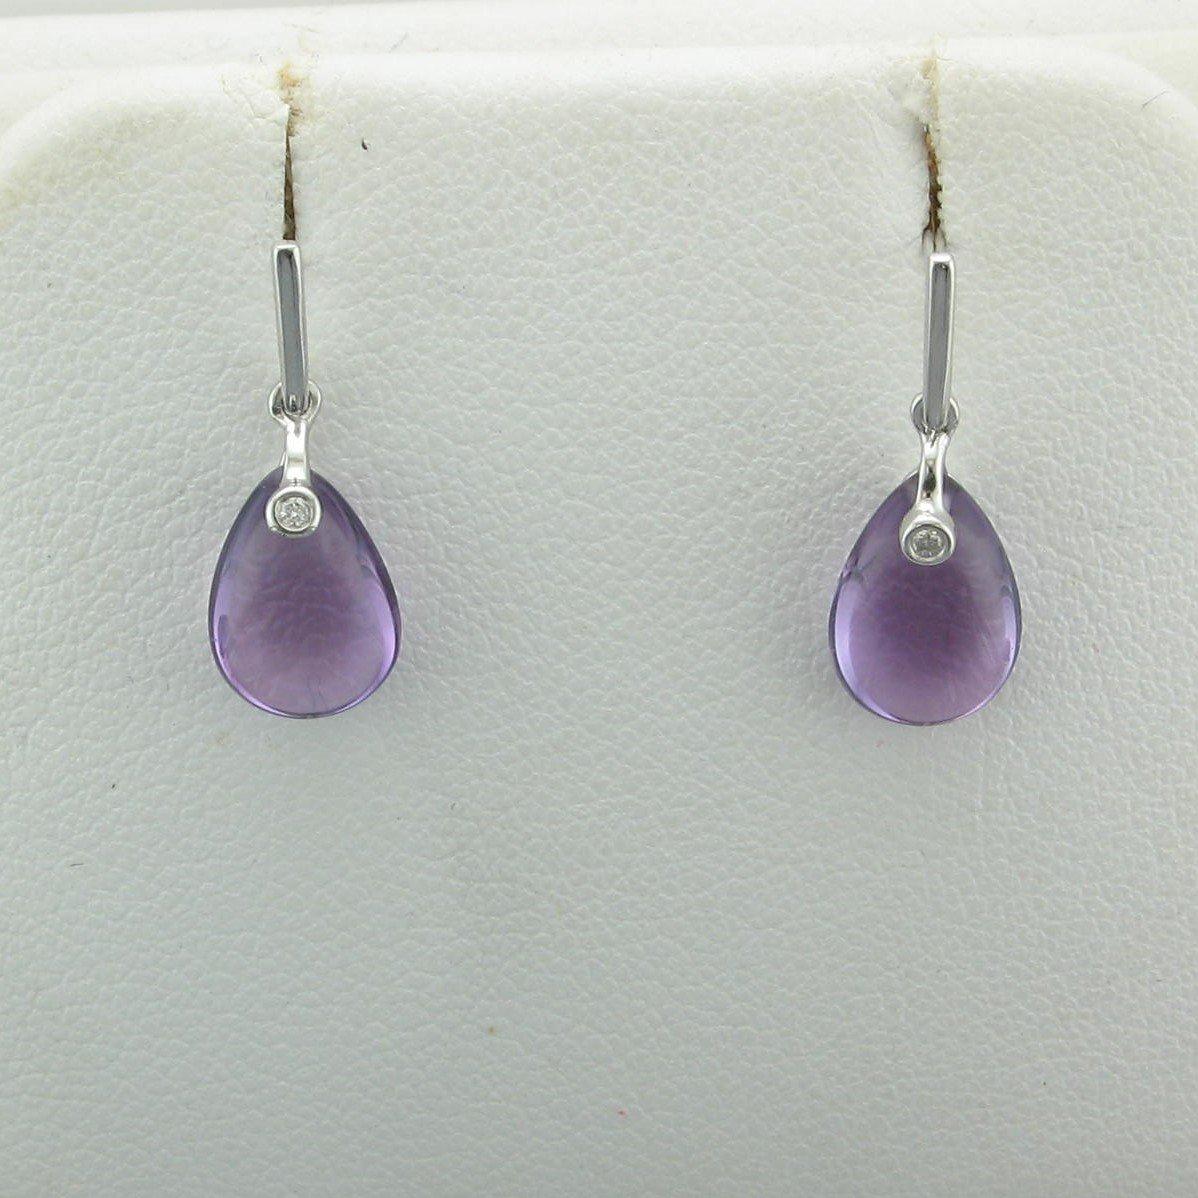 3.26ct Jelly Cut Amethyst Dangle Earrings set in 14K White Gold